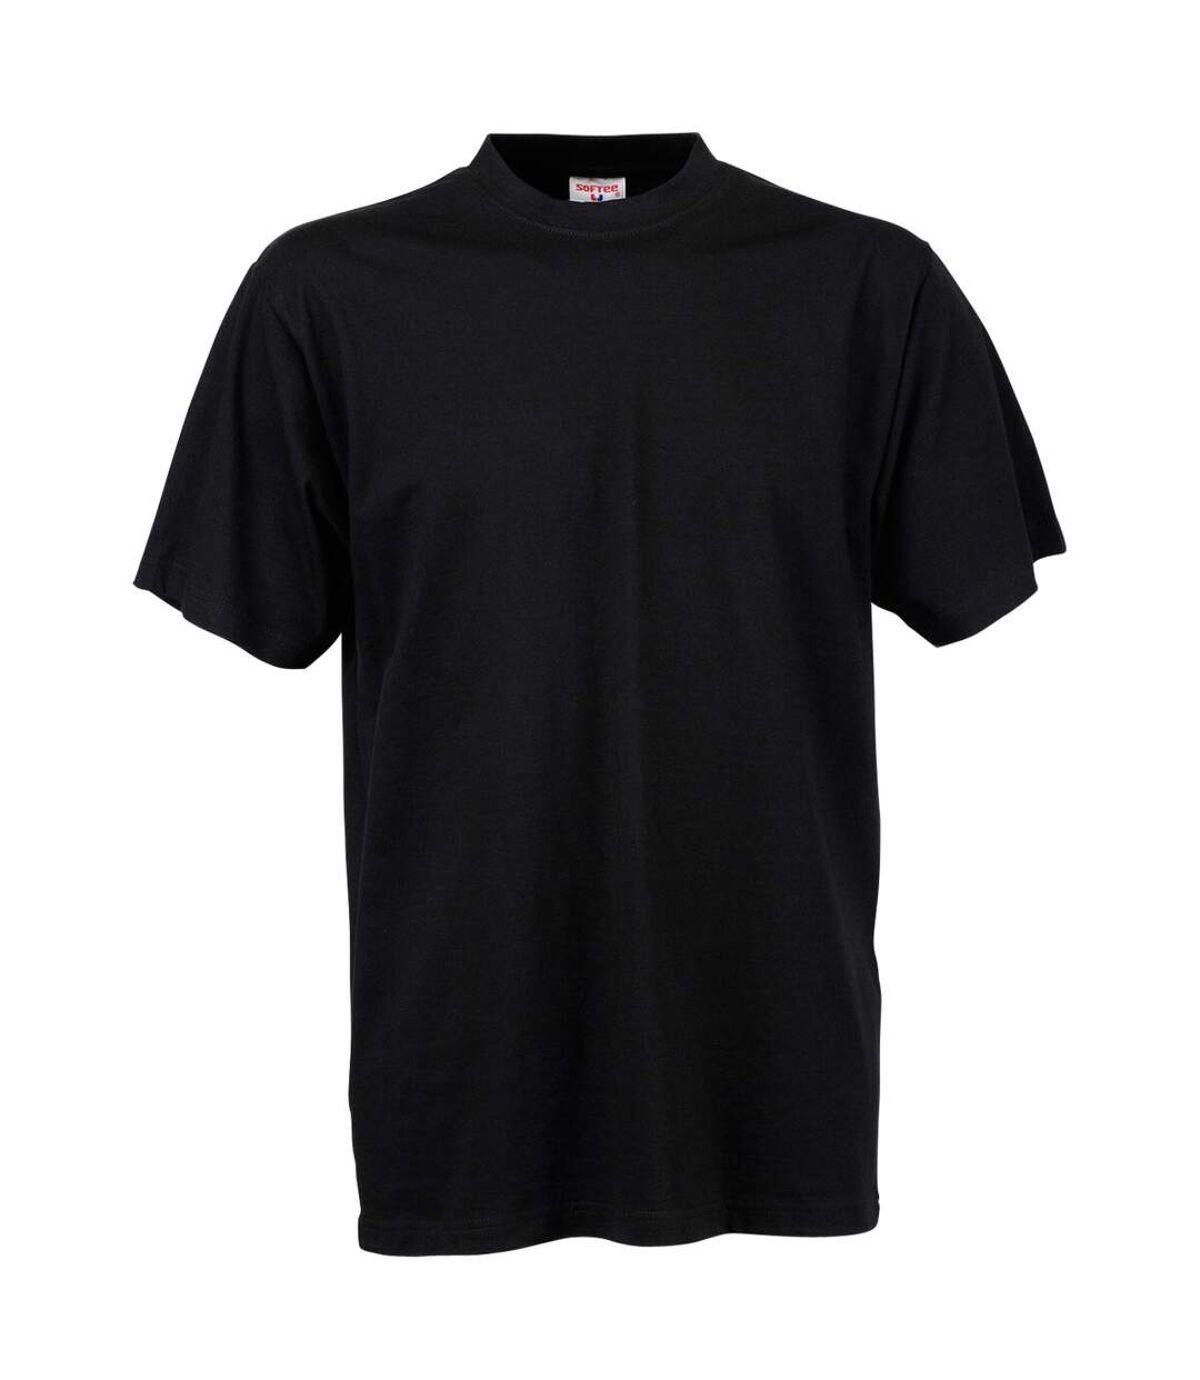 Tee Jays Mens Short Sleeve T-Shirt (Black) - UTBC3325